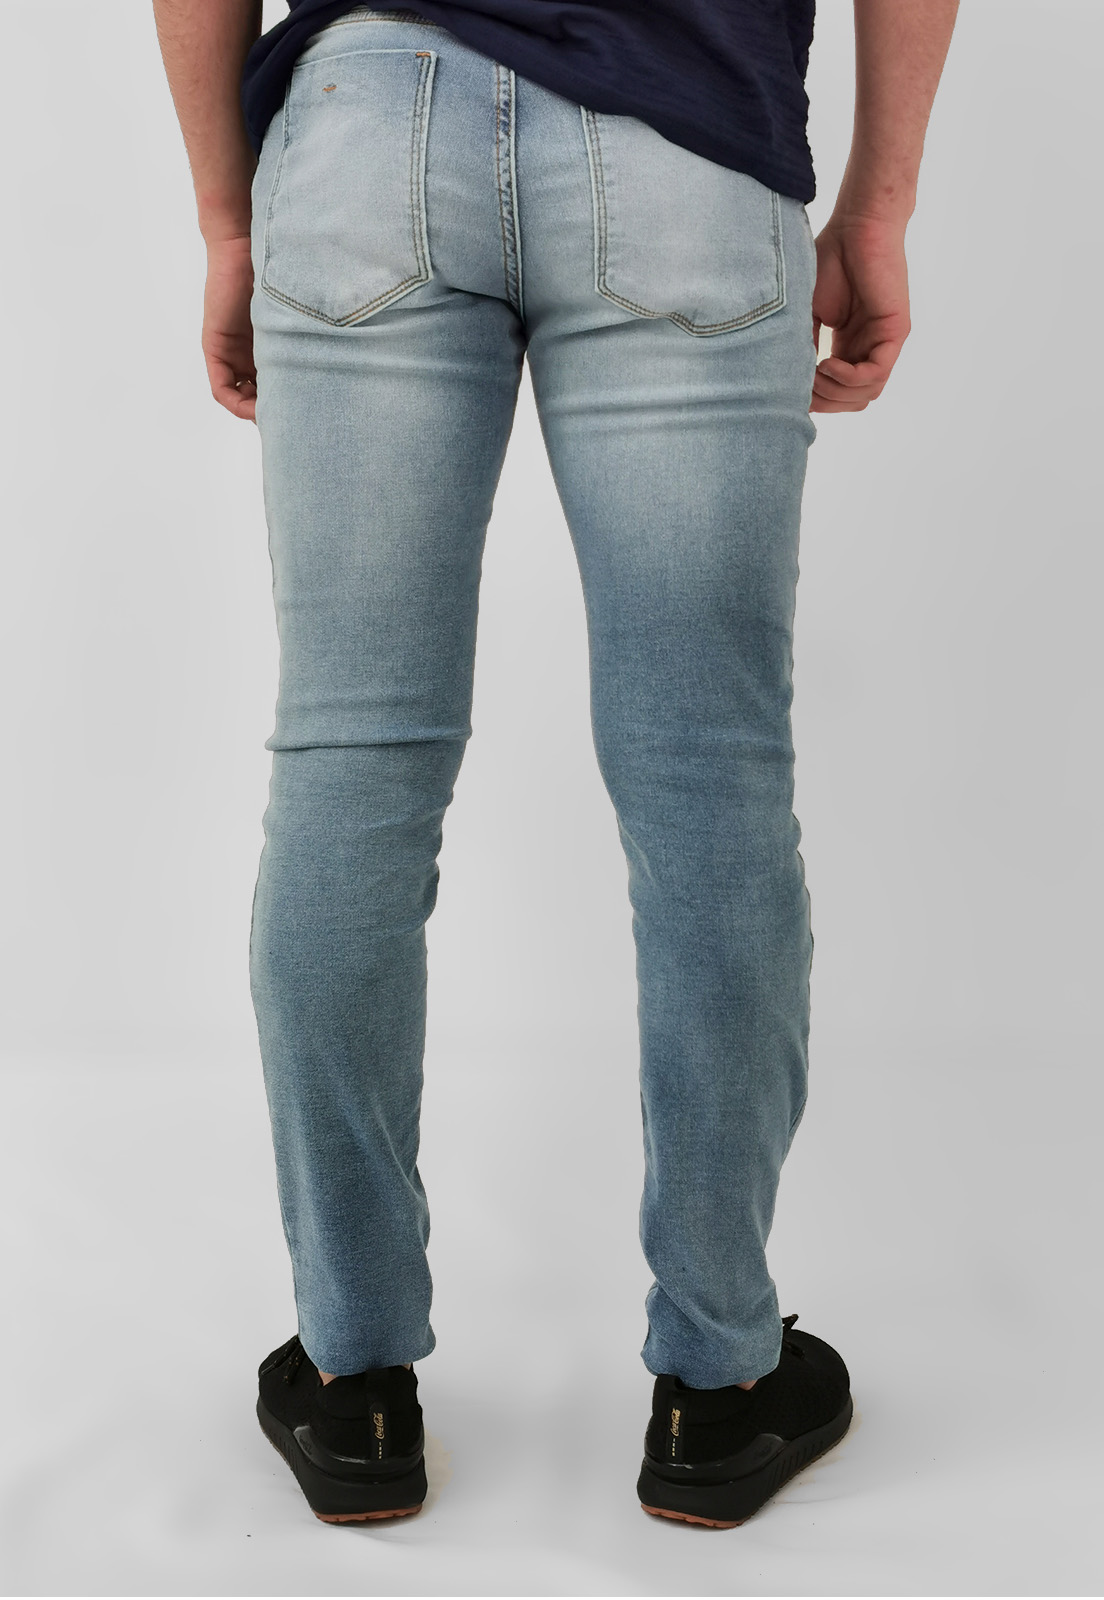 Calça Jogger Docthos Jeans Stoned